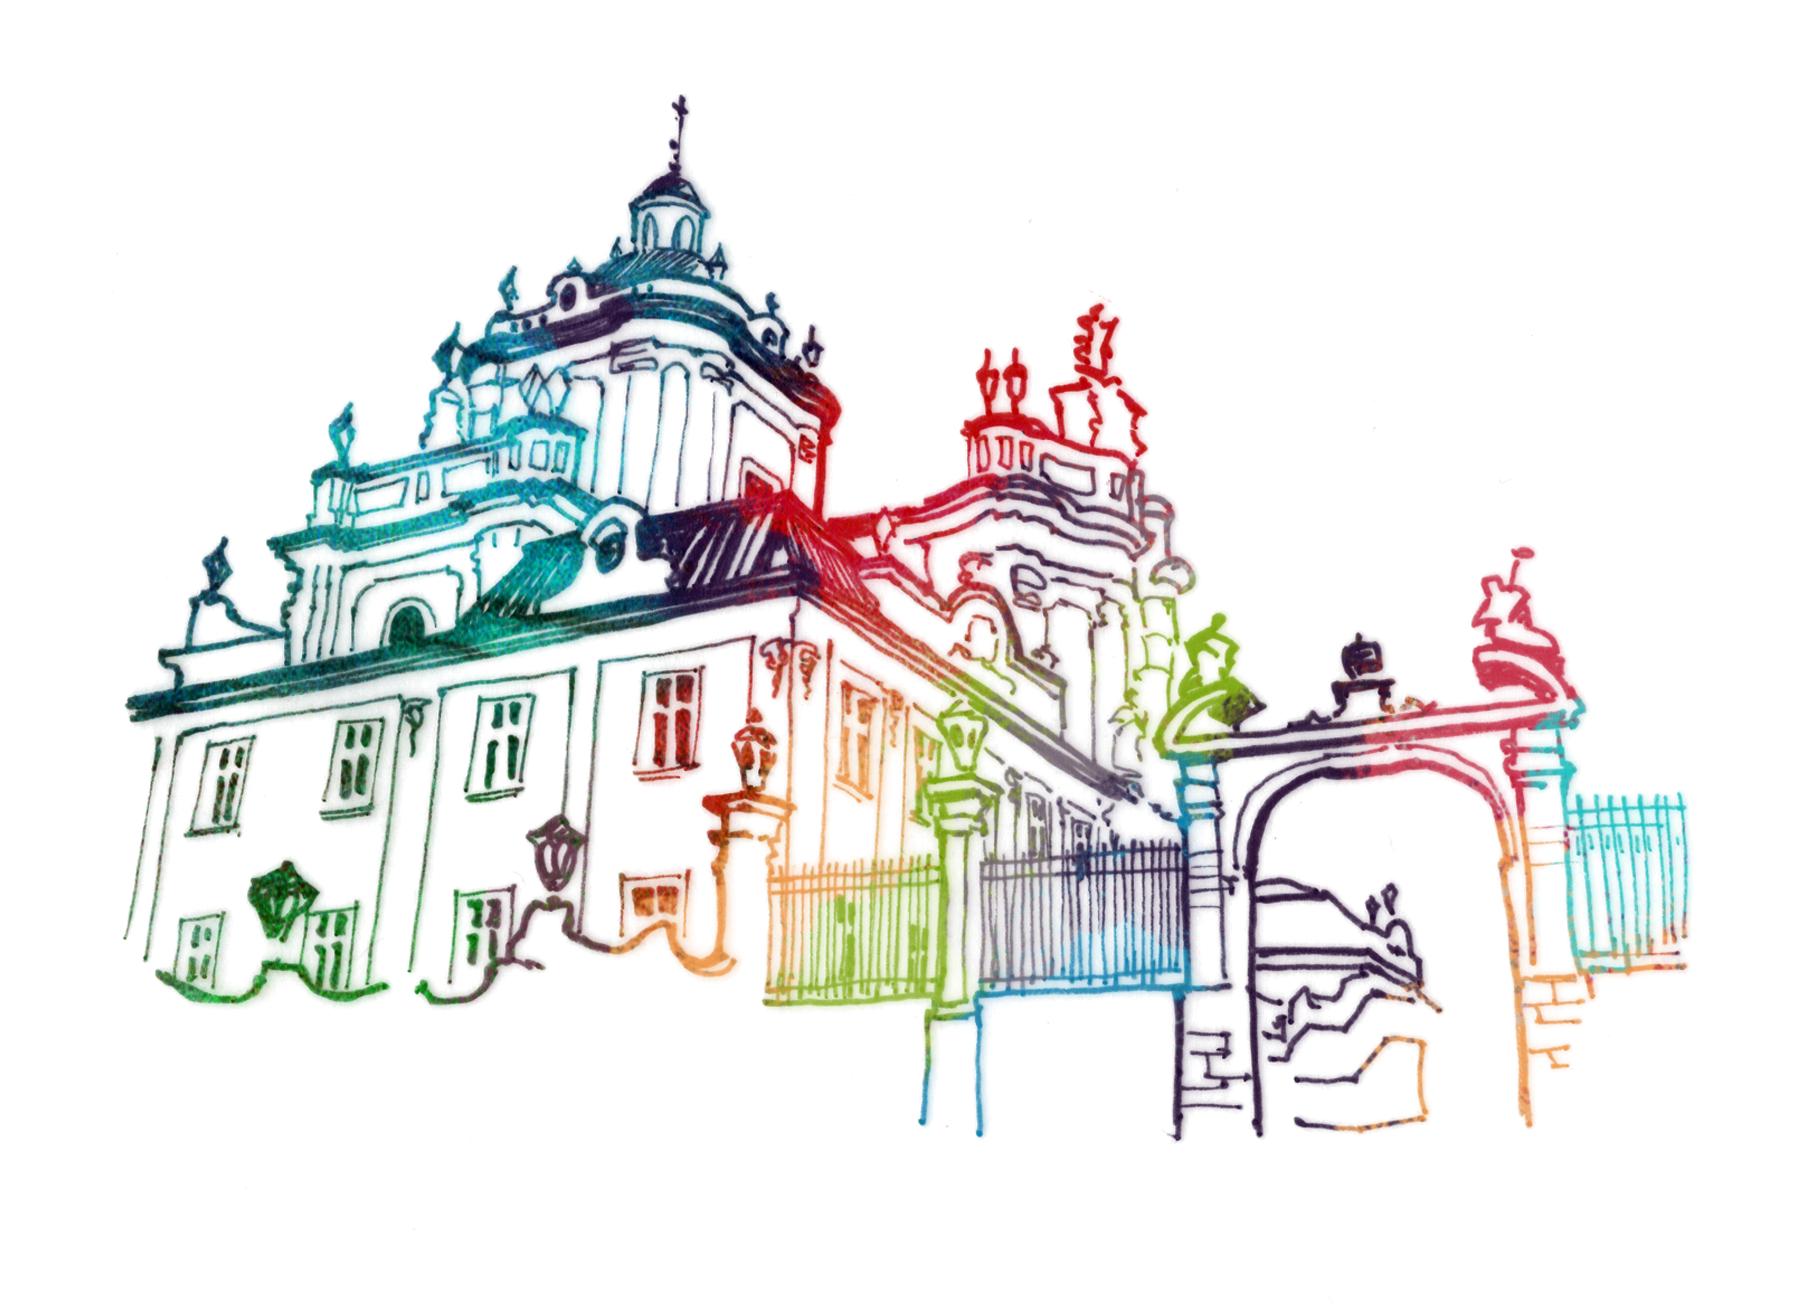 З нагоди празника Святого Юрія та Дня міста Львова відкривається  художня виставка та випущено унікальну поштову марку